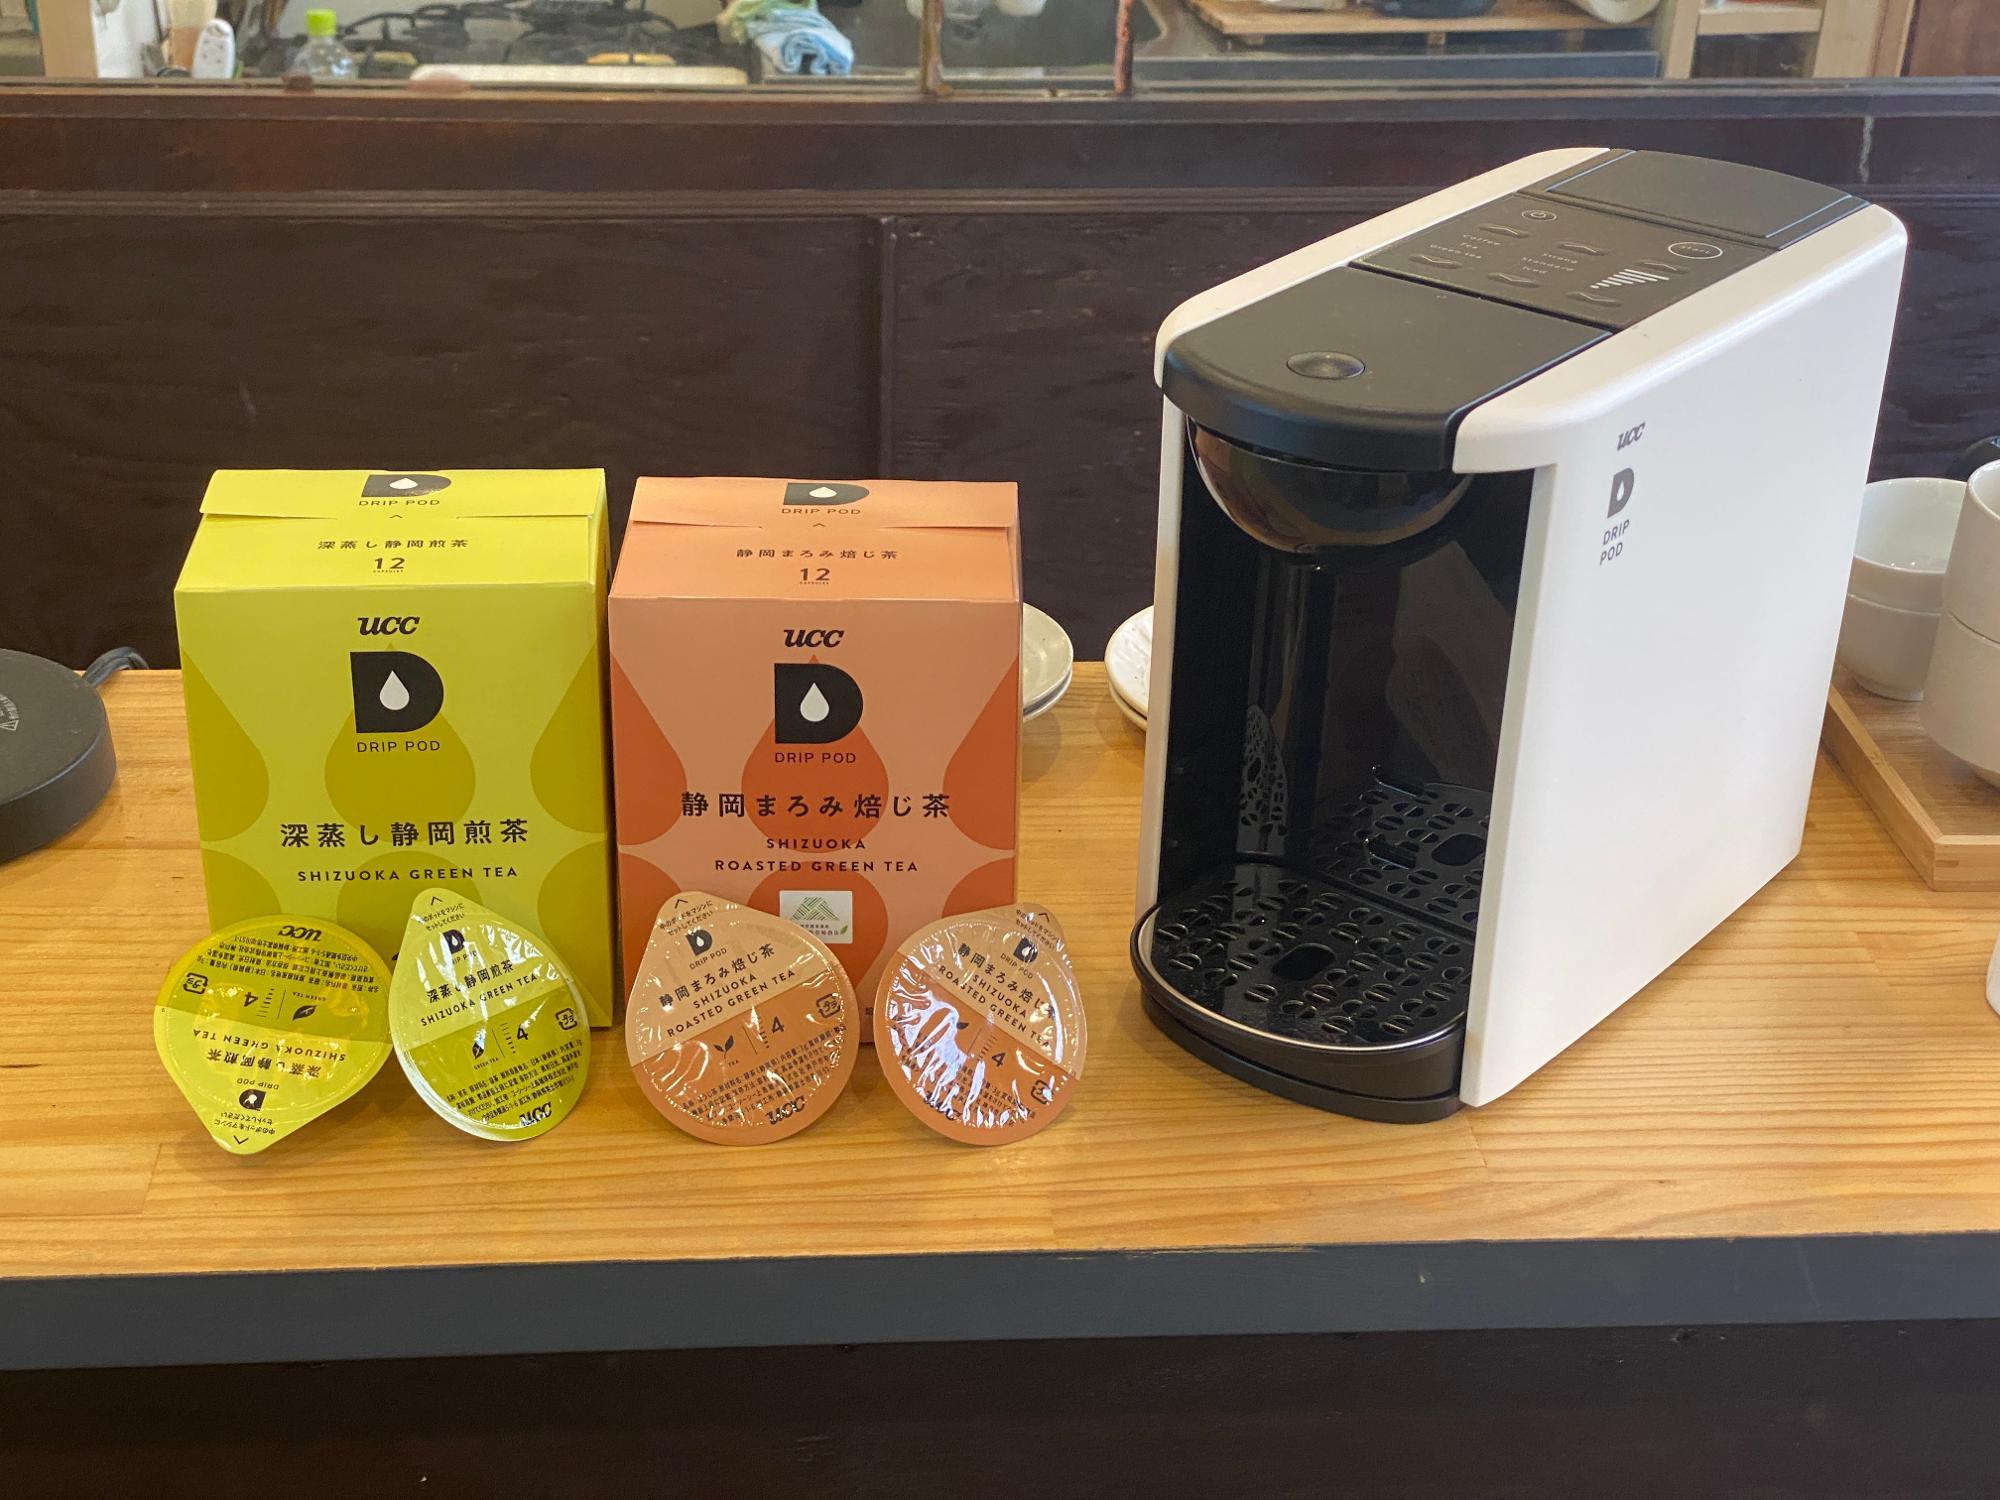 『DRIP POD』とお茶のカプセル。